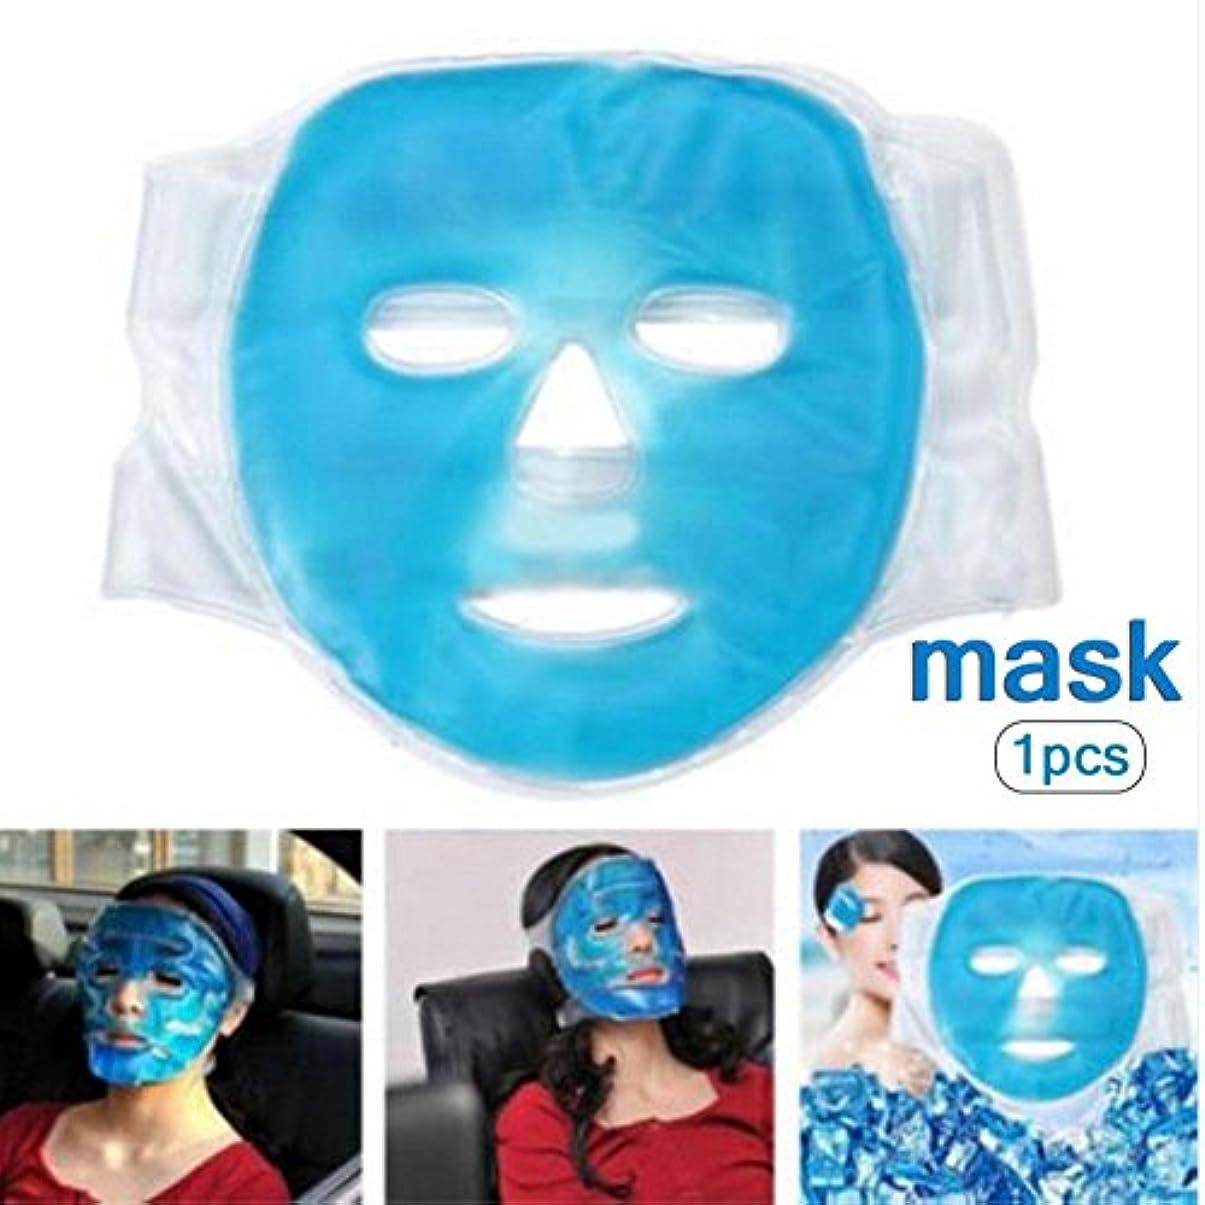 ラベンダー解釈するシンプトンフェイスマスク 冷却マスク 美容マスク 冷温兼用 美容用 再利用可能 理学療法 毛細血管収縮 毛穴収縮 睡眠冷却 疲労緩和 肌ケア 保湿 吸収しやすい コールドパックホットパック 美容マッサージ アイスマスク (ブルー)